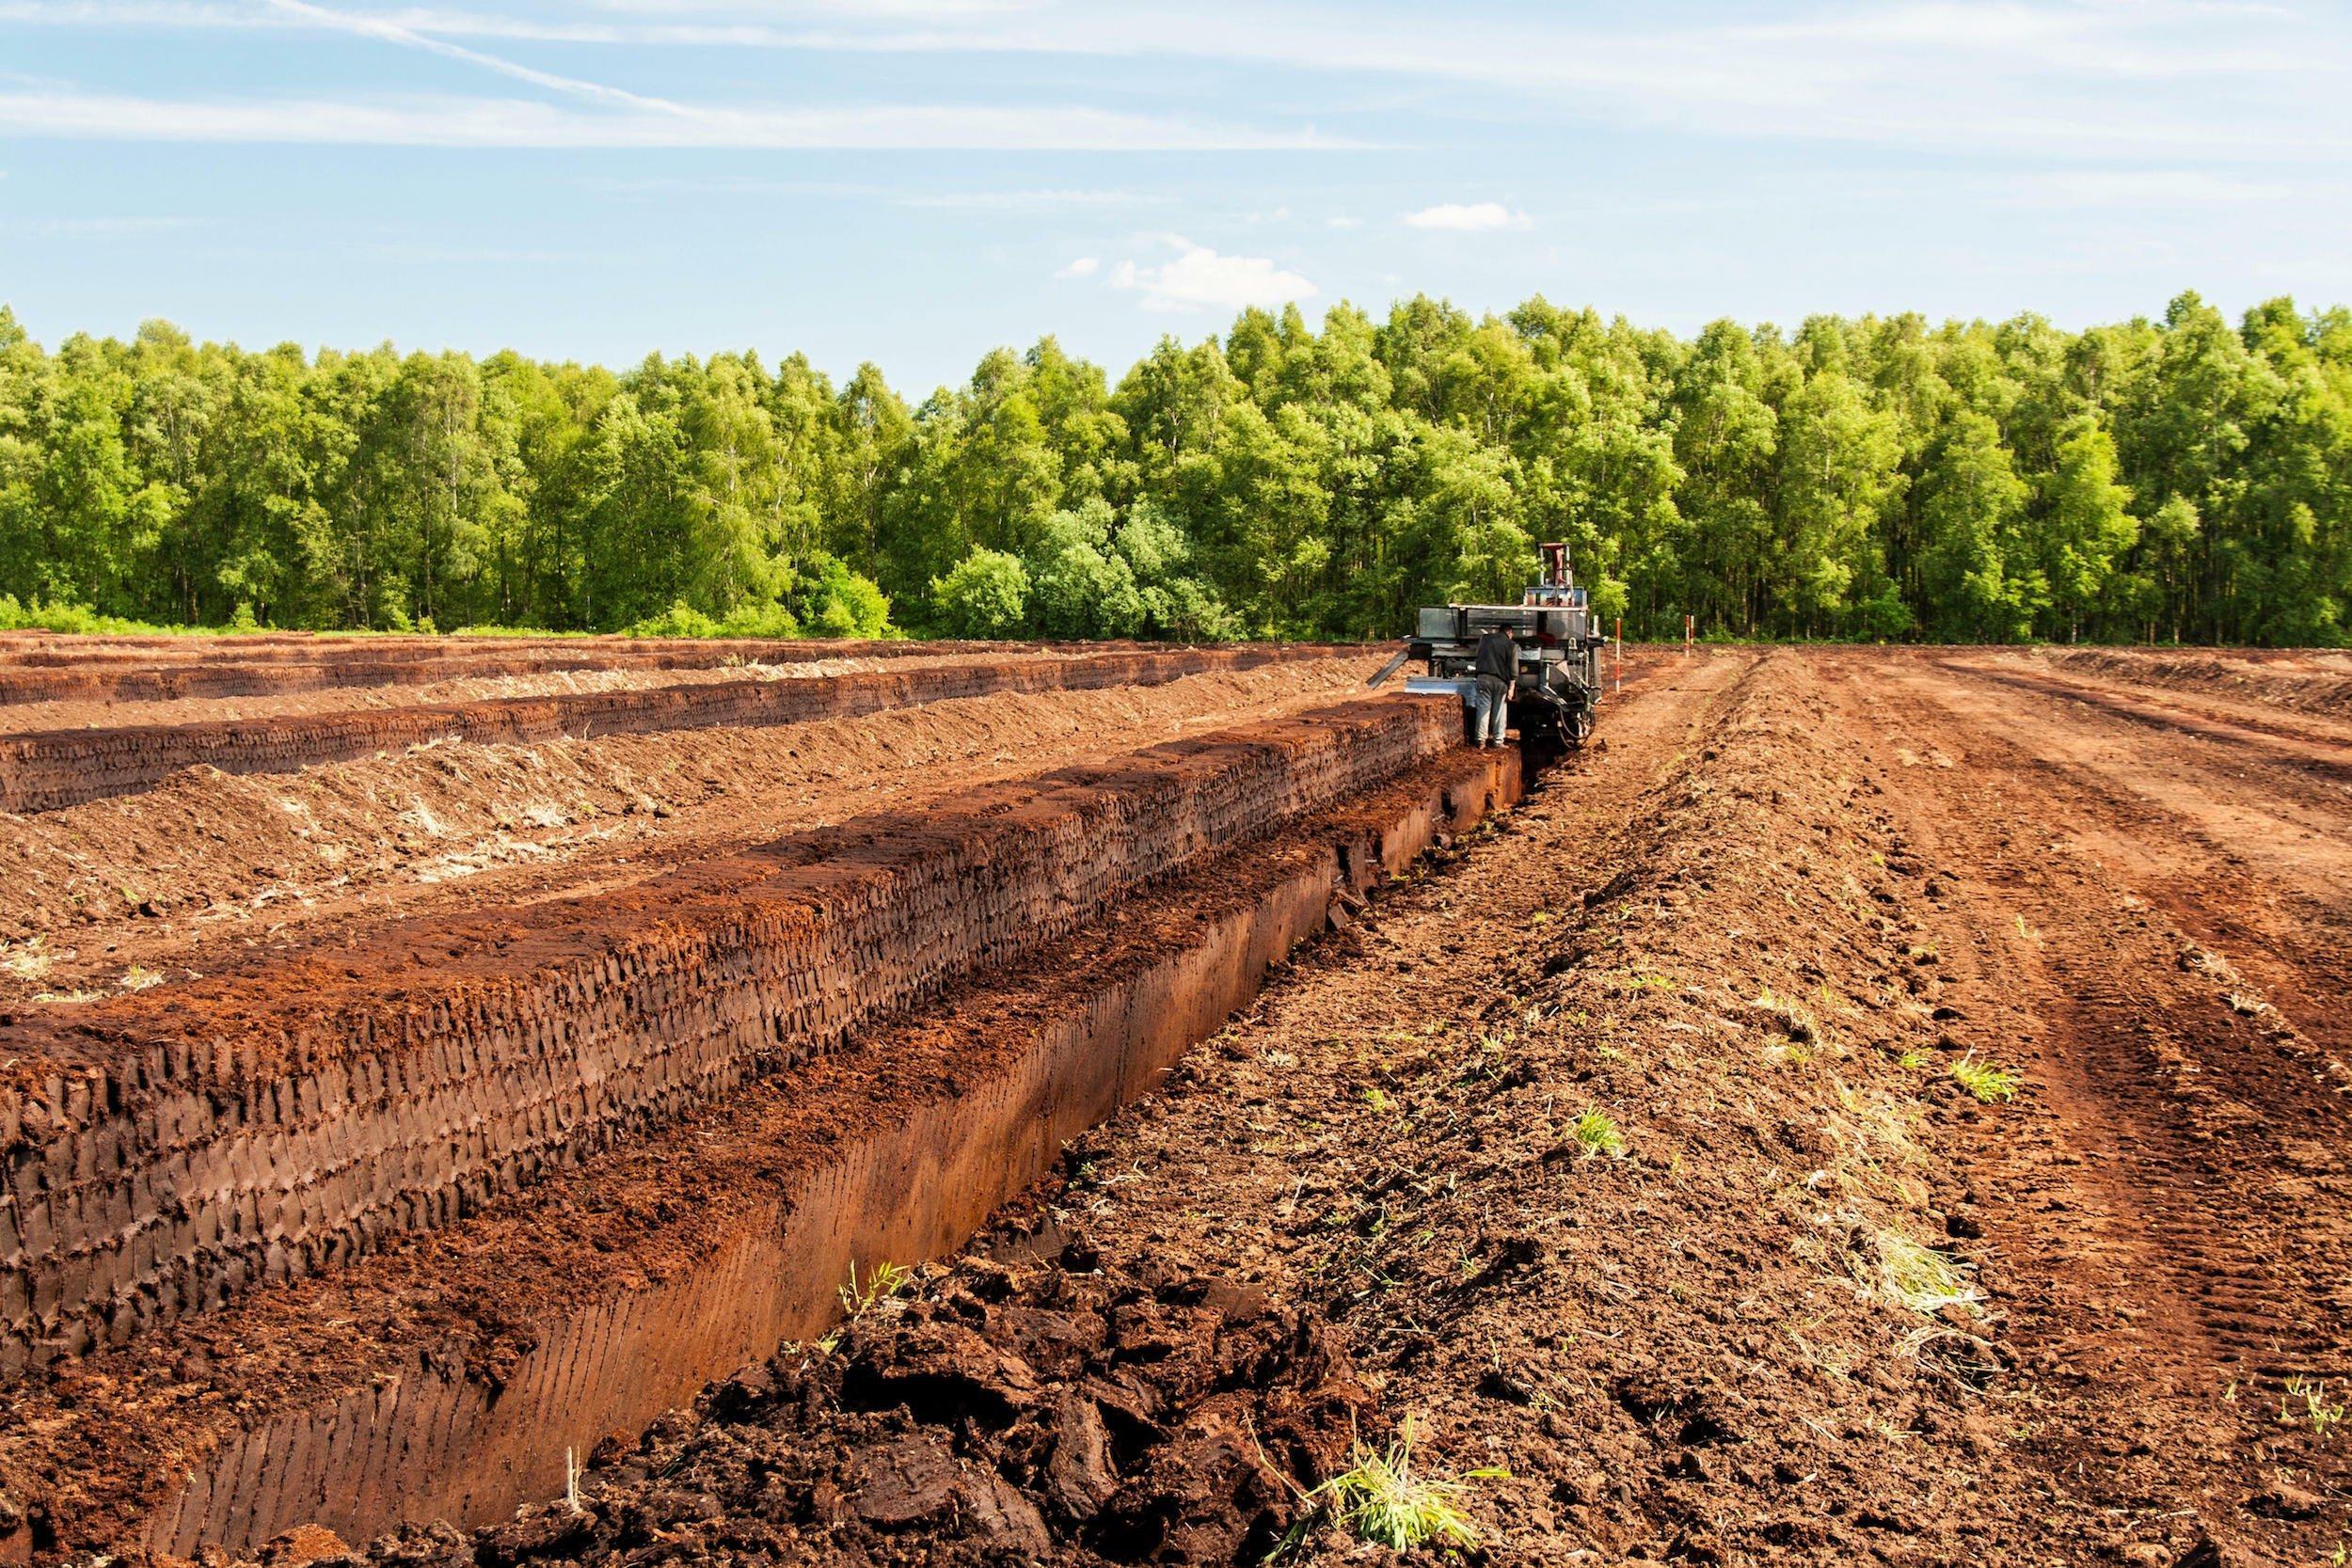 Das Bild zeigt eine abgetorfte Moorfläche in Niedersachsen, aus der eine große Maschine Torfblöcke herausschneidet.